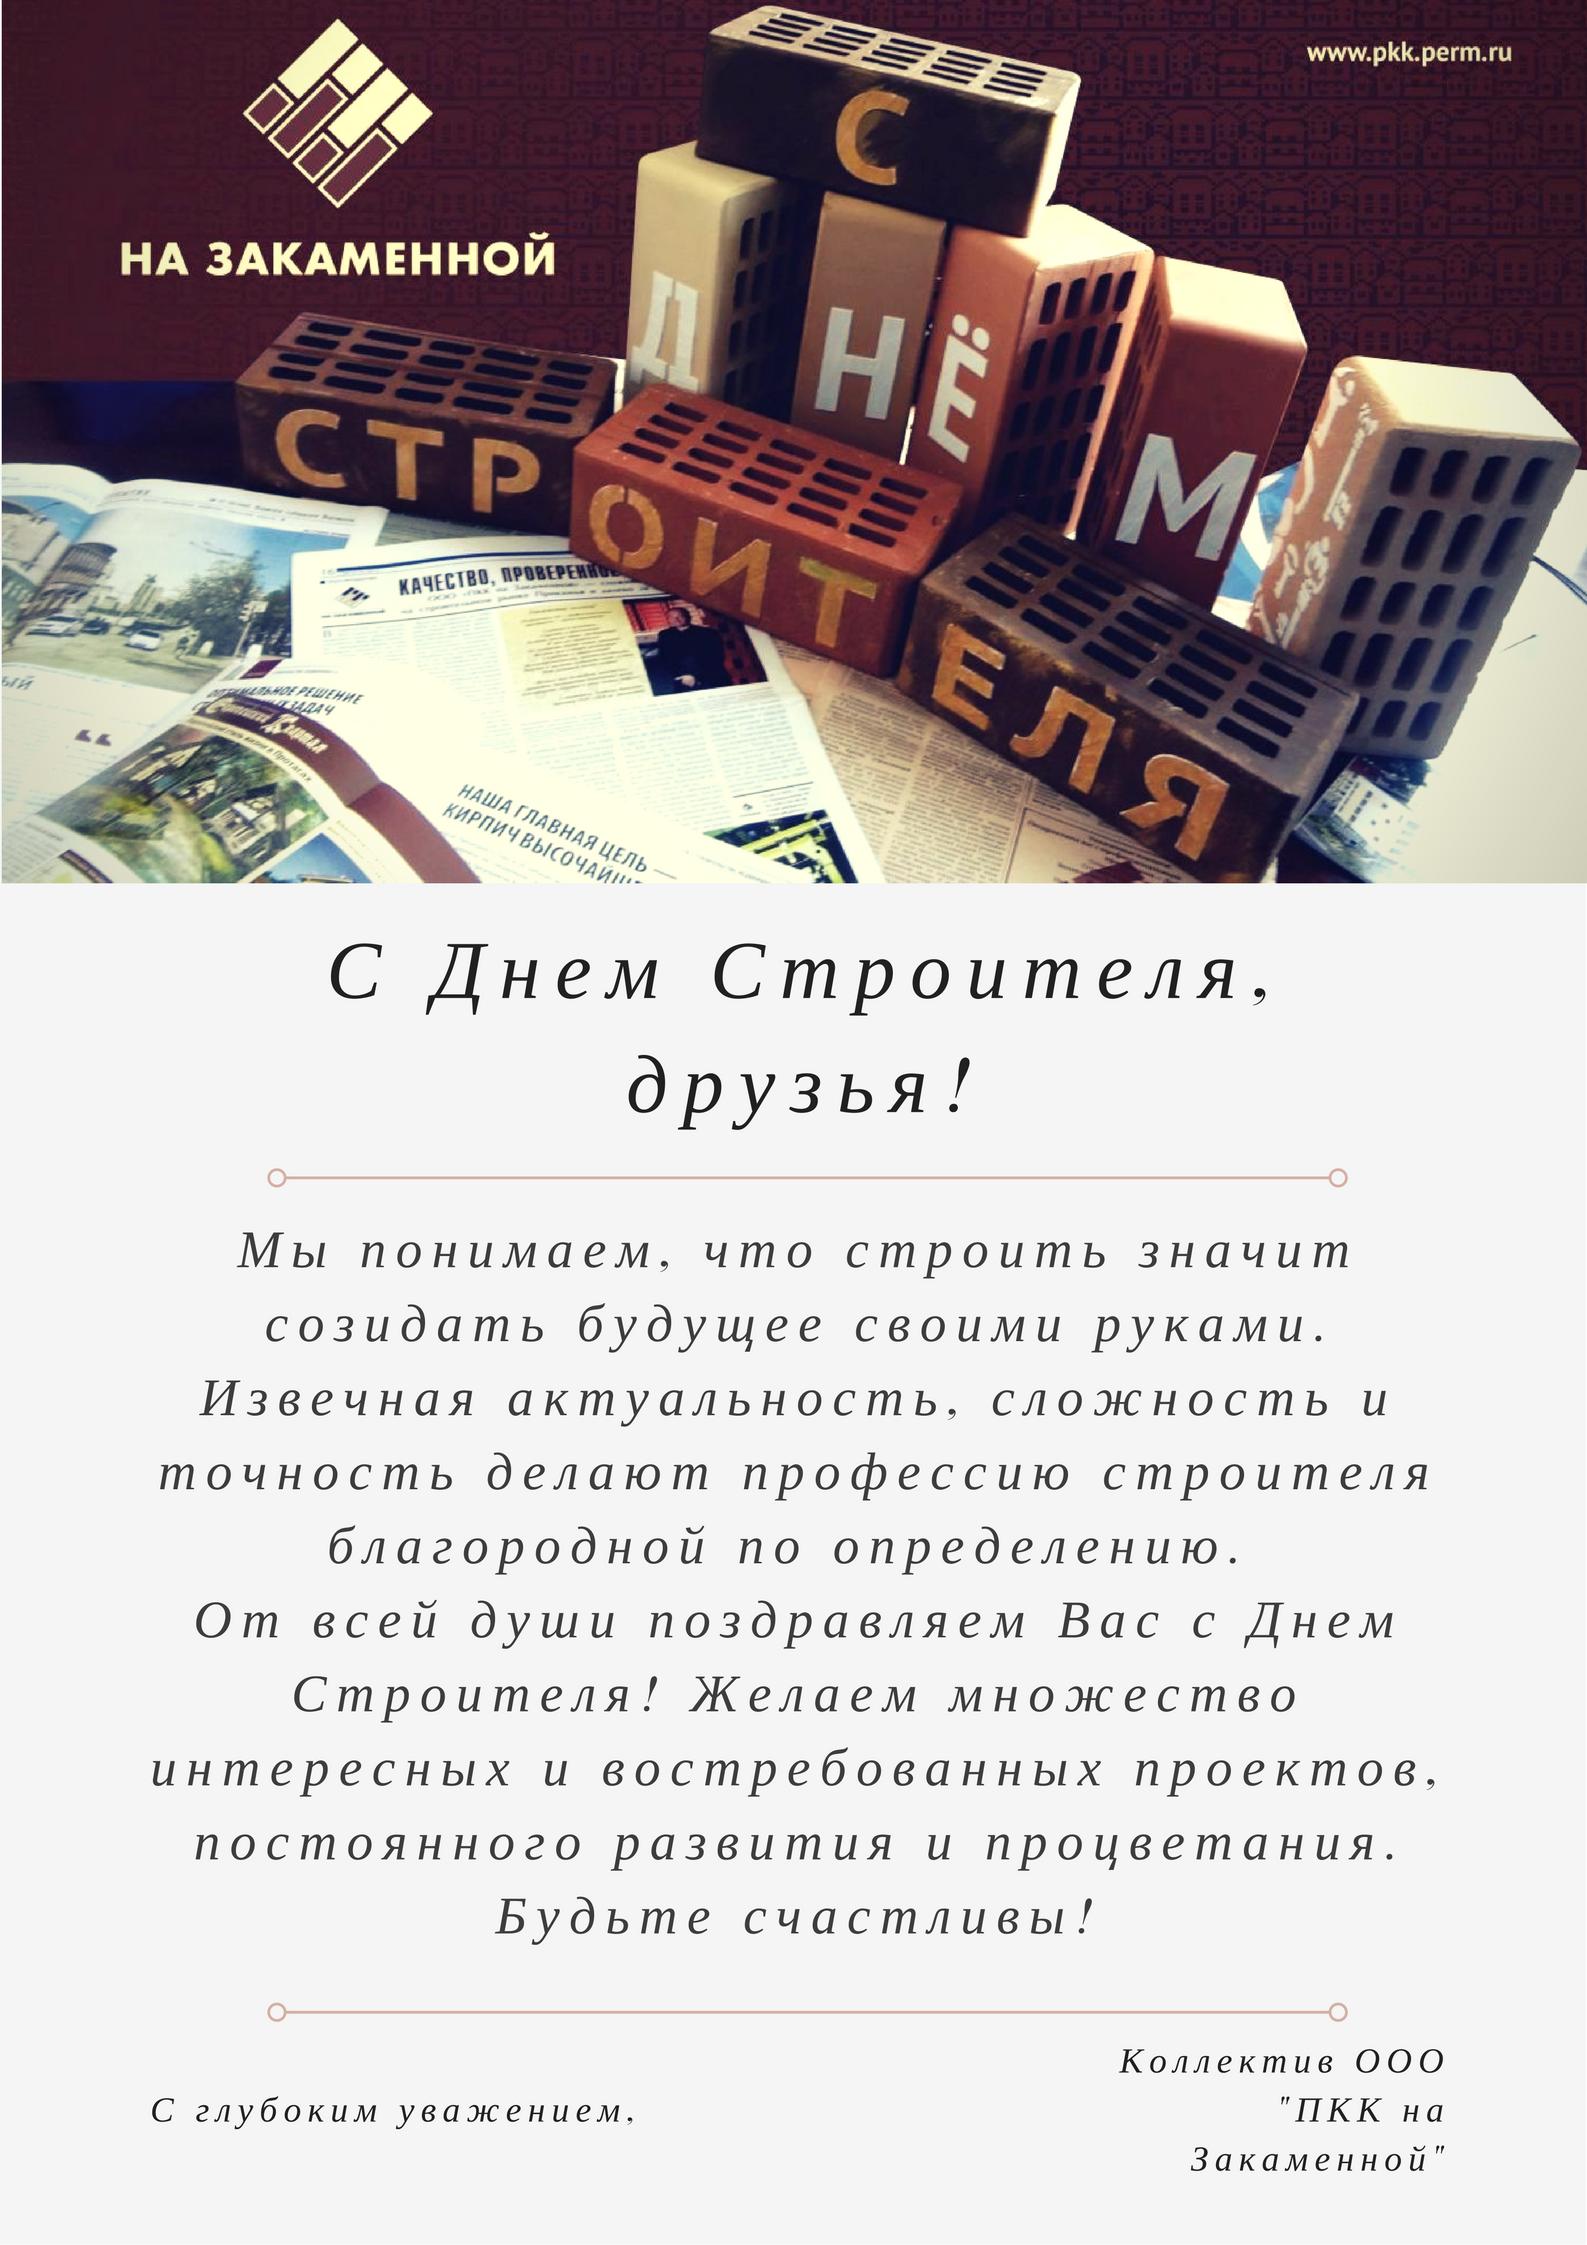 Поздравления для кирпичного завода с днем строителя фото 718